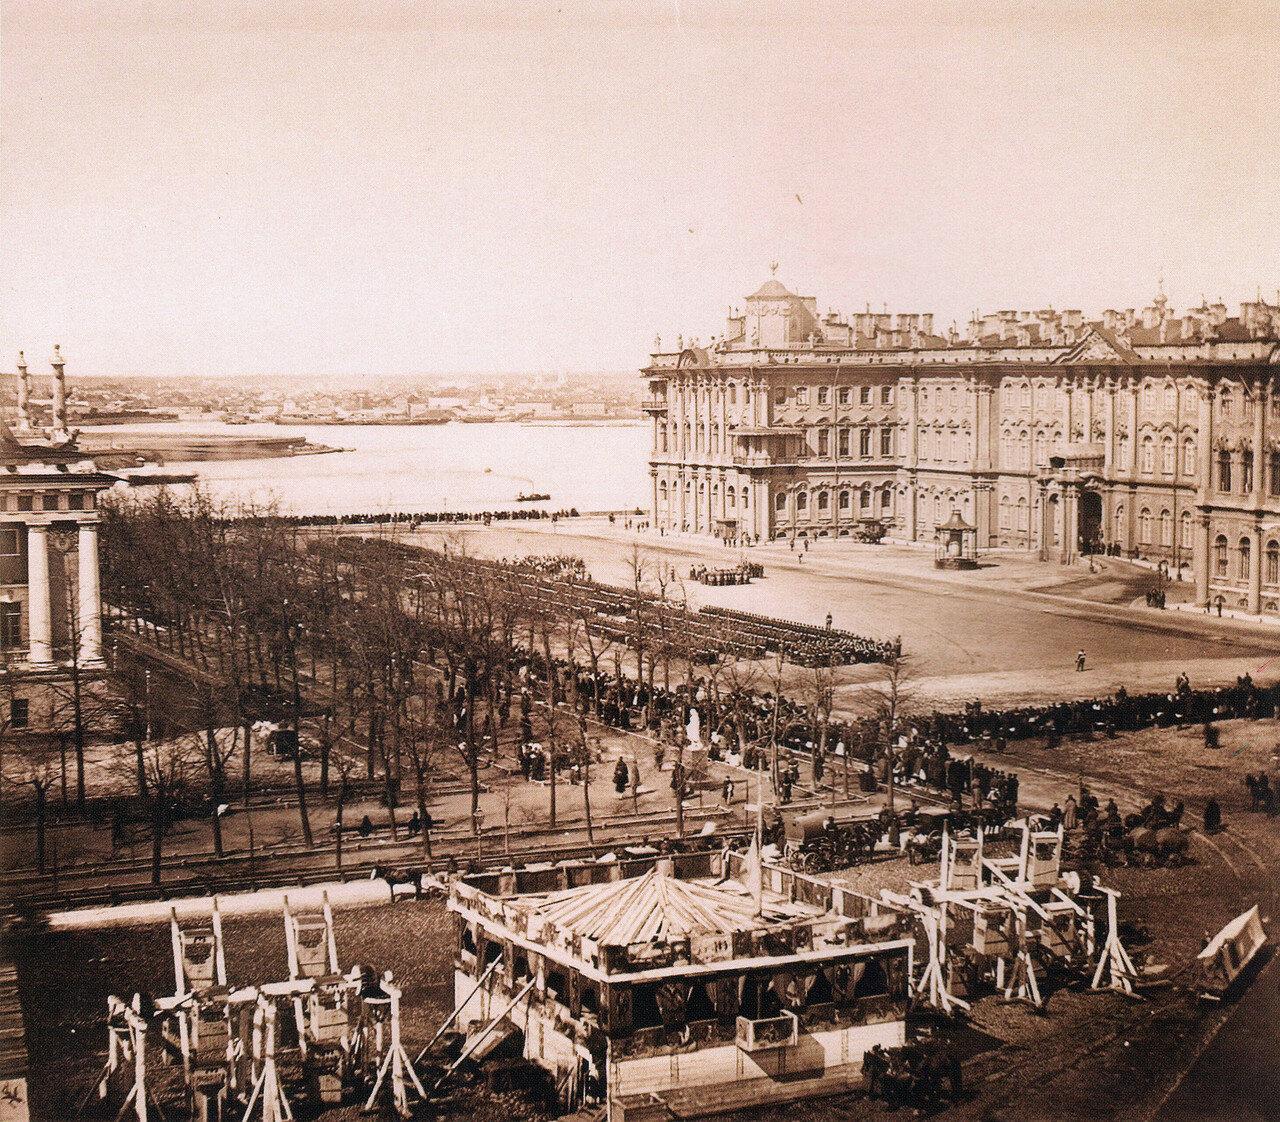 Парад на Адмиралтейской площади, качели и балаганы в Александровском саду,1880-е